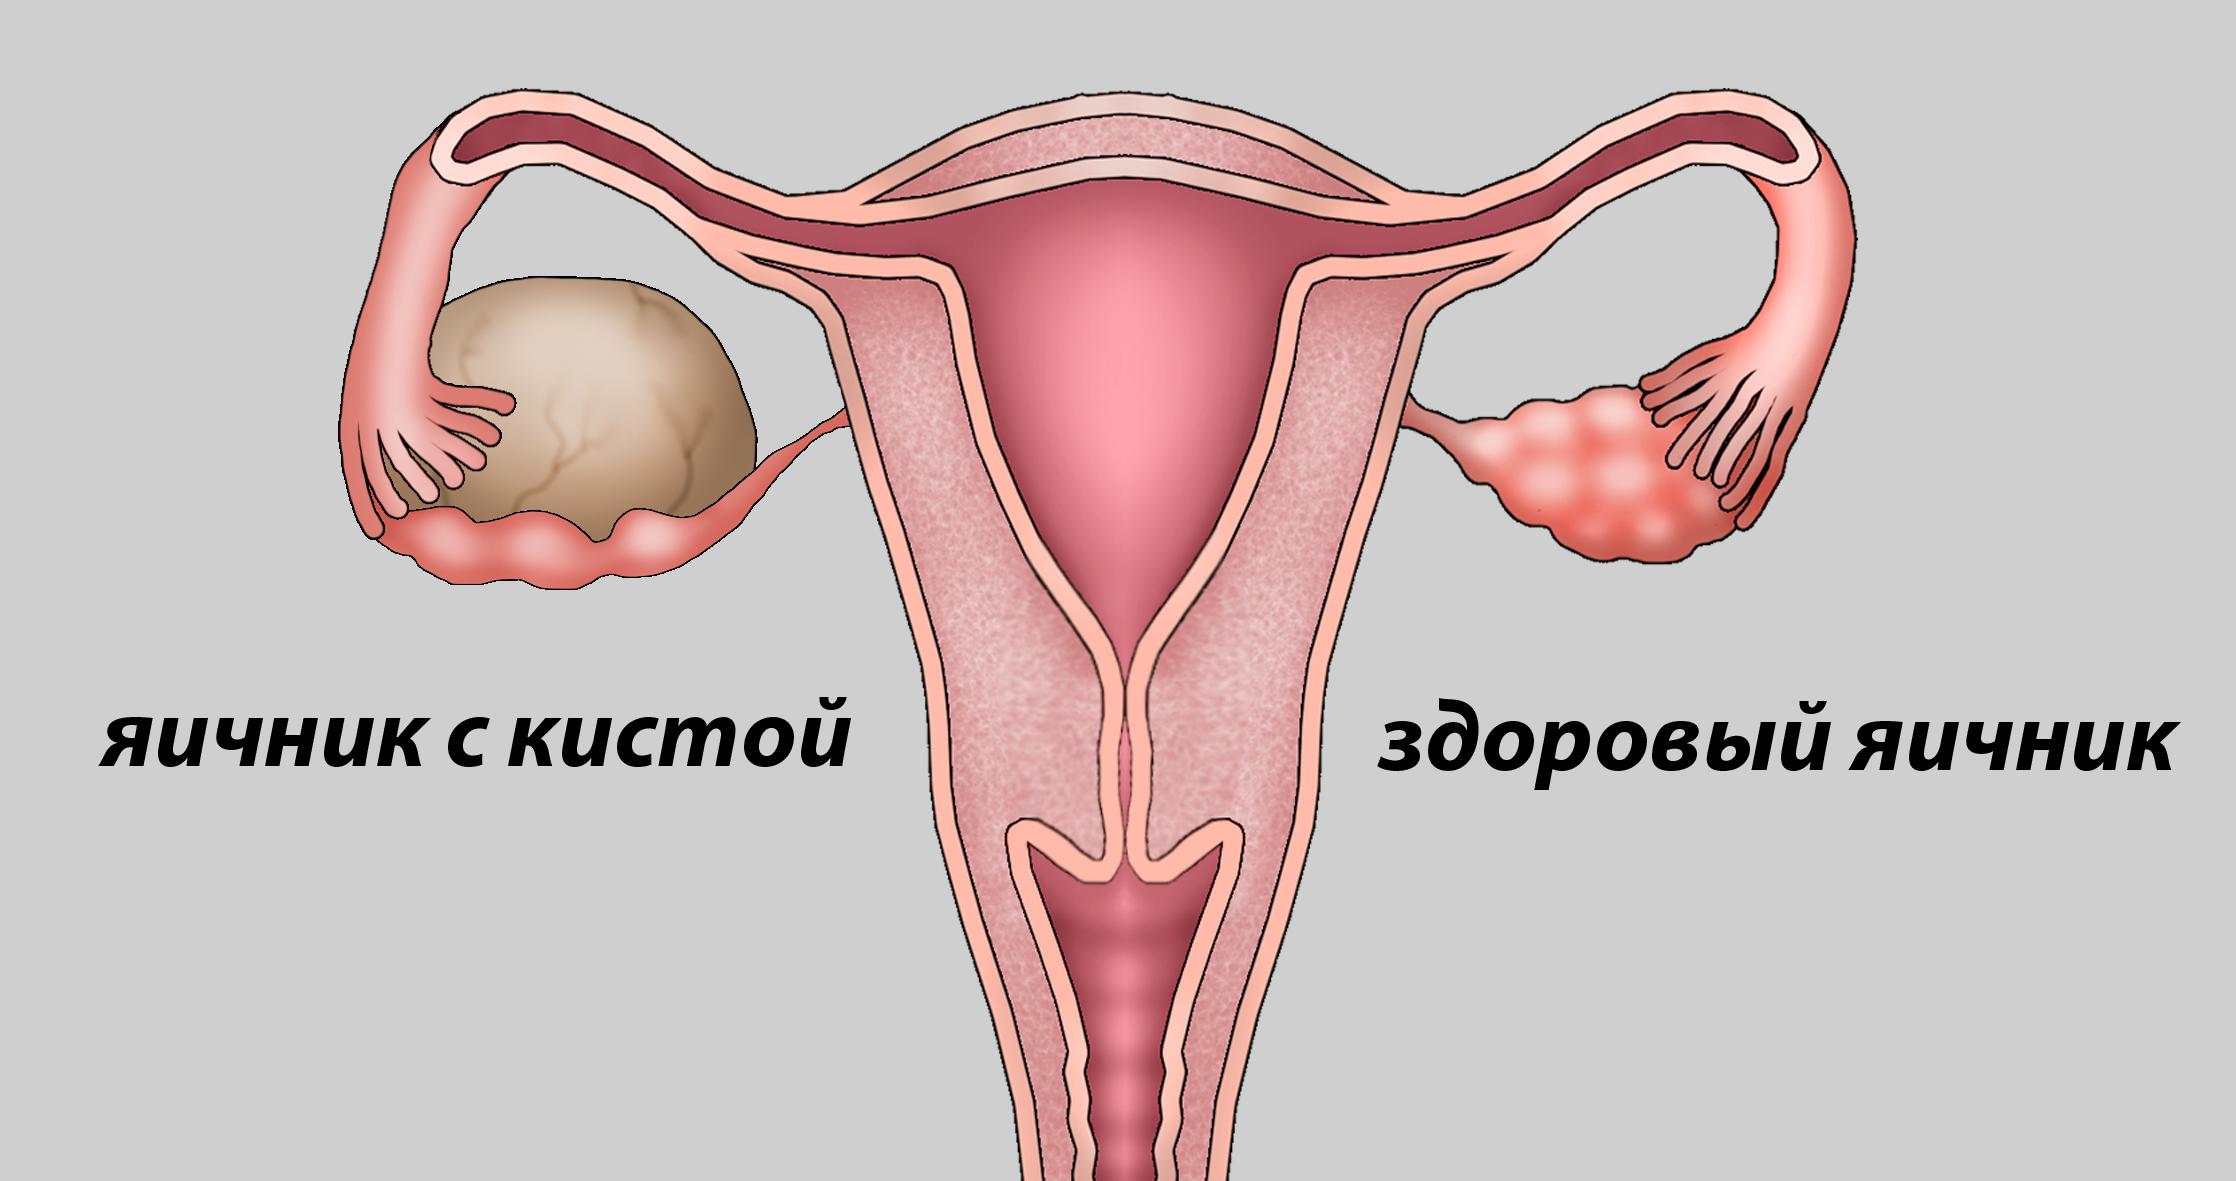 Фолекулярна кста бль при секс